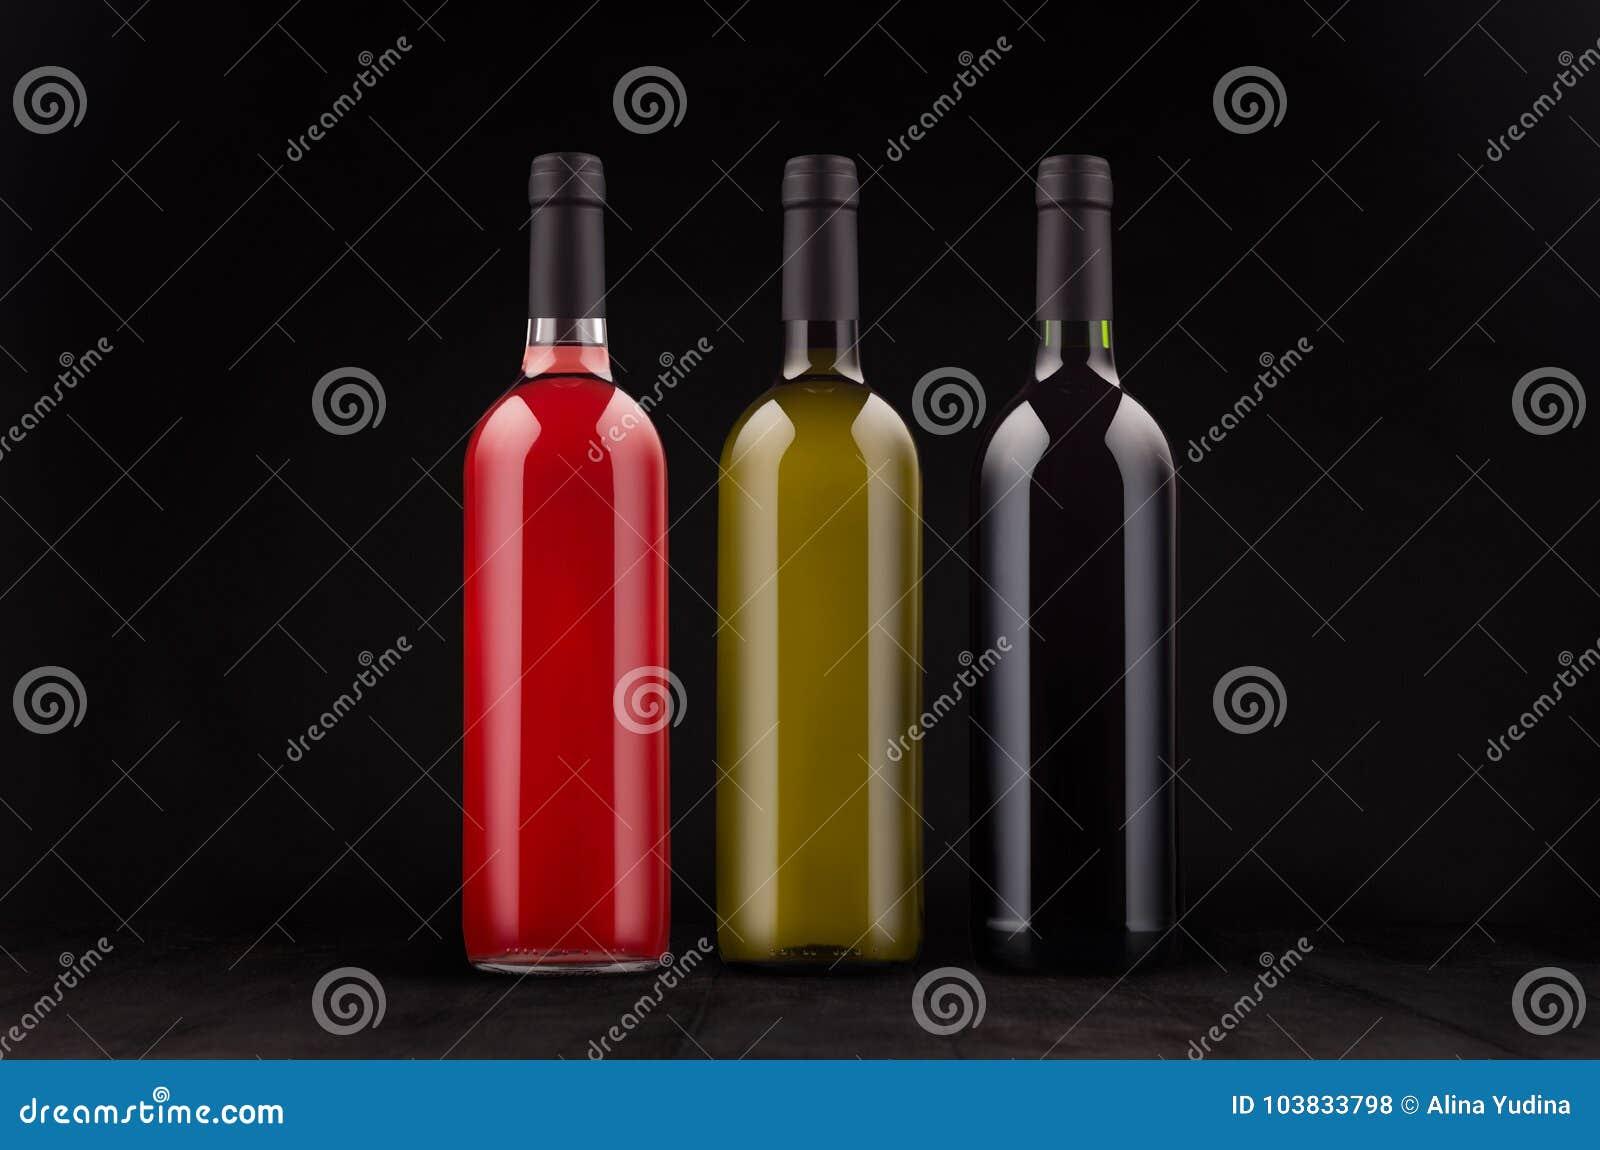 Geplaatste wijn de flessen - rood, groen, nam toe - bespotten omhoog op elegante donkere zwarte houten achtergrond